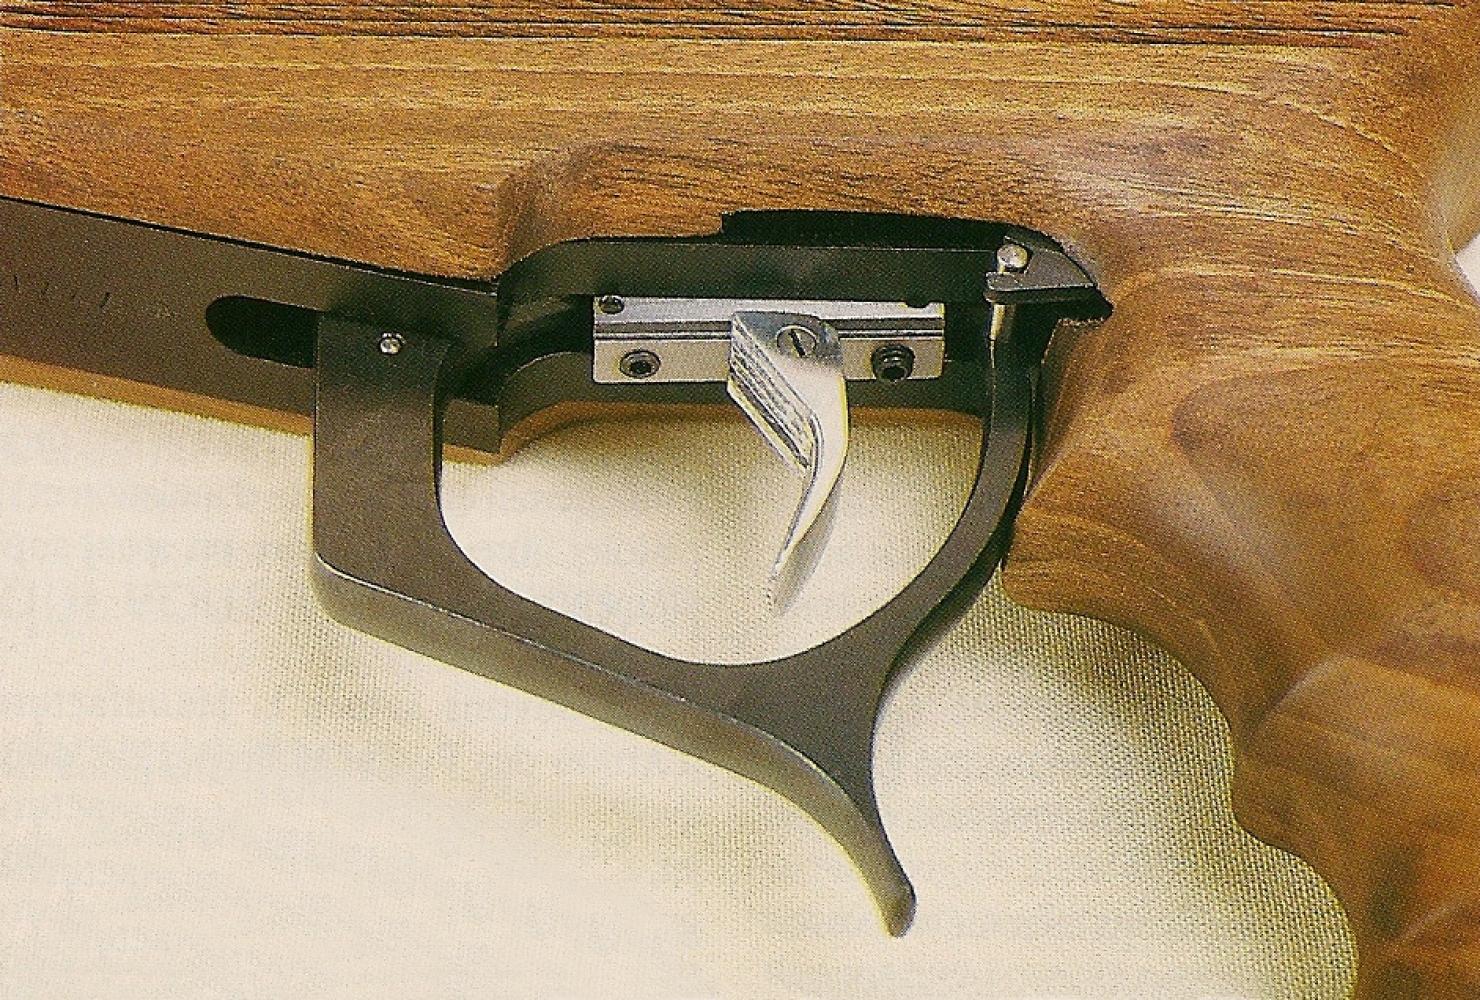 La queue de détente coulisse le long d'un rail afin d'être adaptée avec précision à la morphologie du tireur.